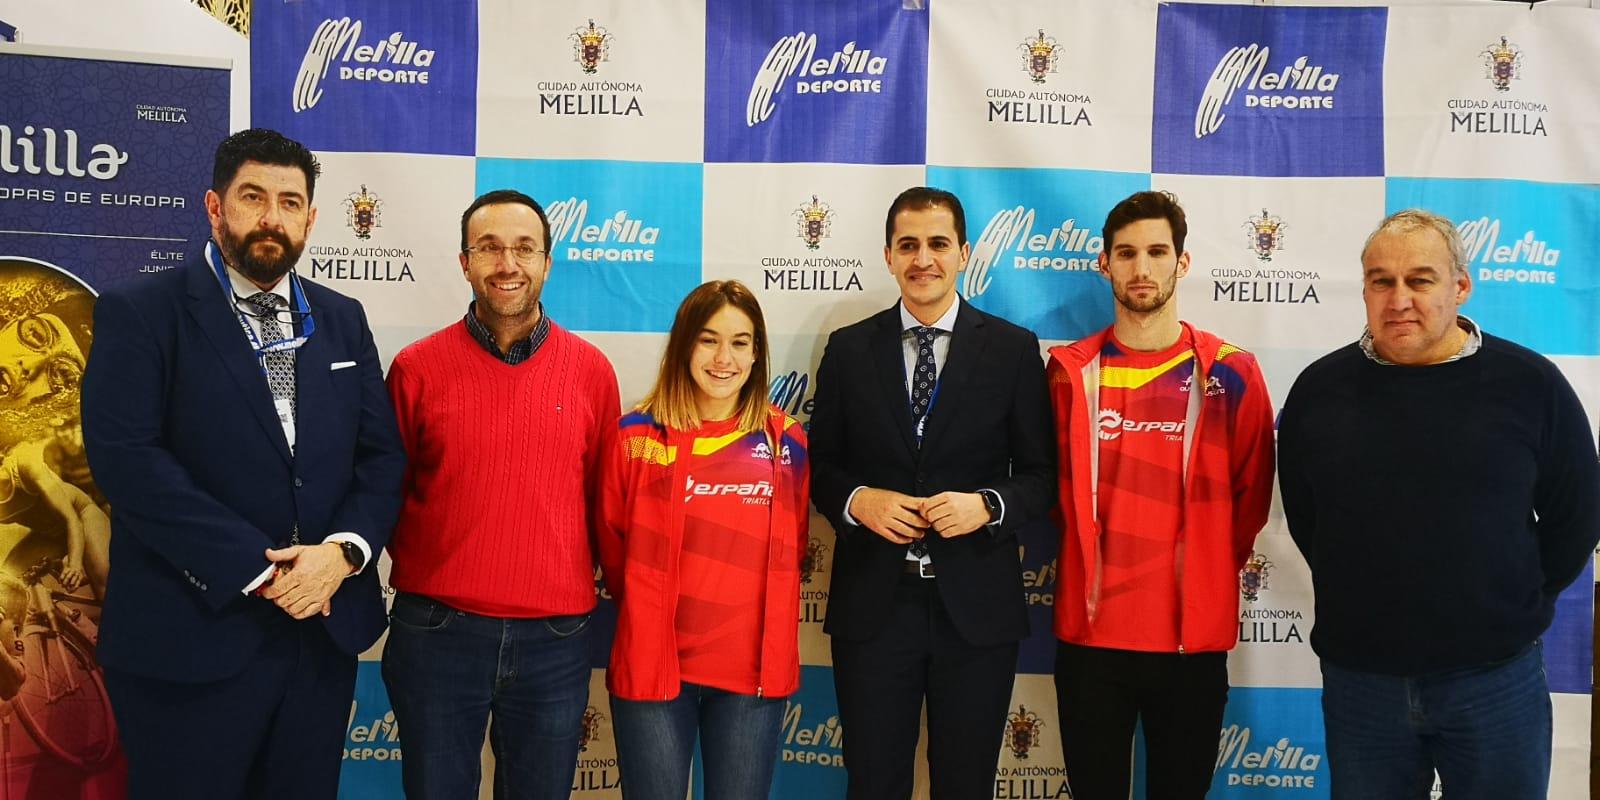 FITUR acoge la presentación de la Copa de Europa de Triatlón de Melilla